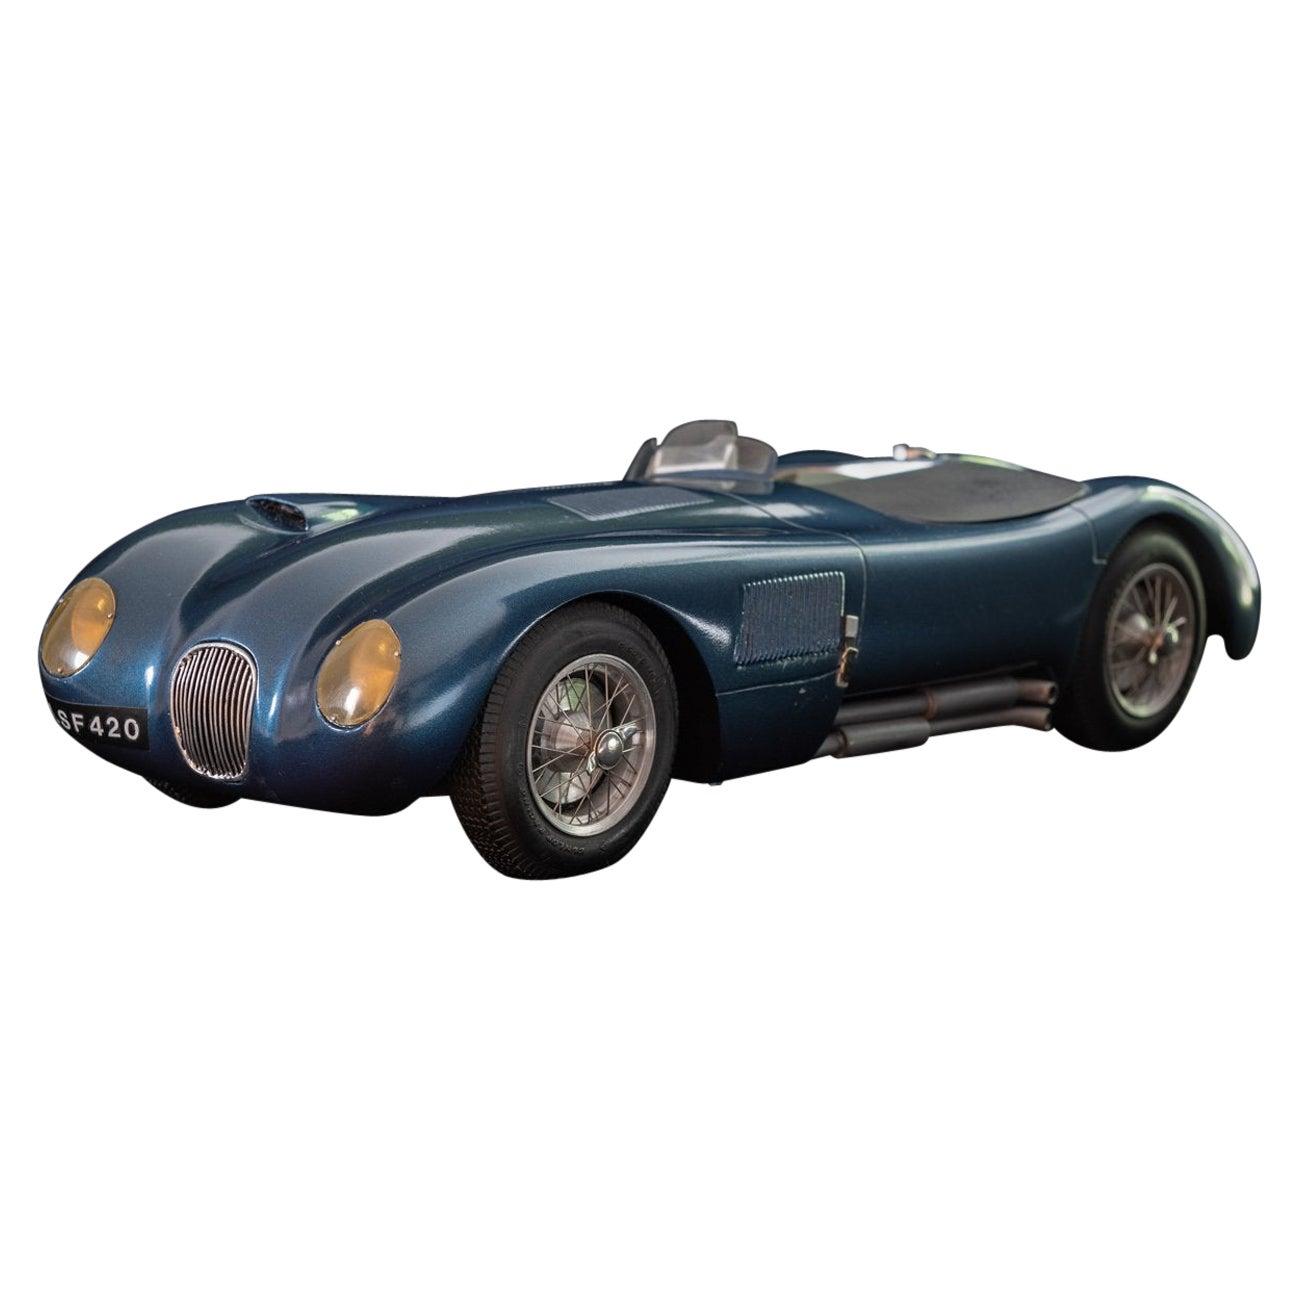 Model of Jaguar C-Type Racing Car